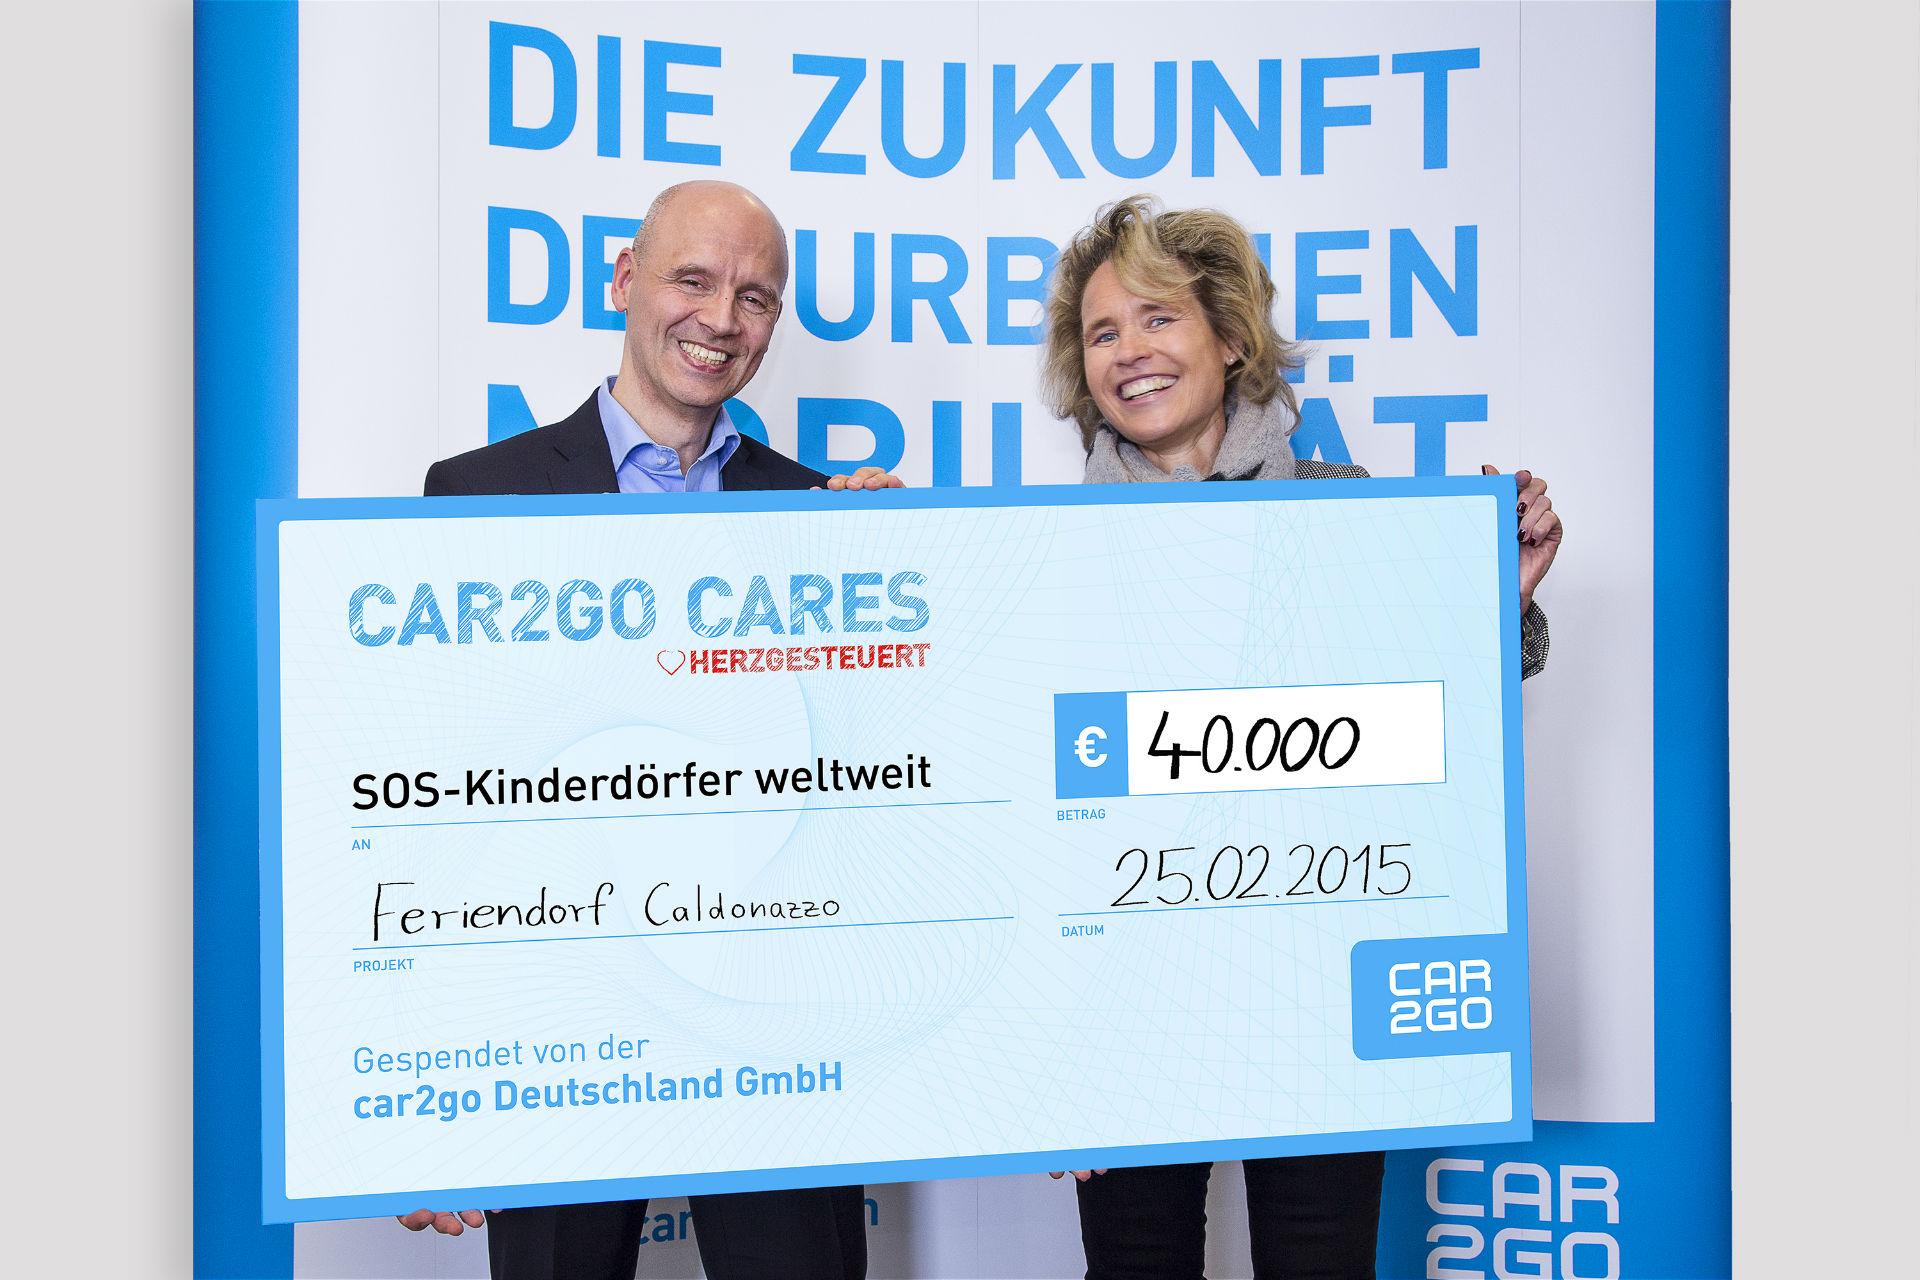 Geschäftsführer car2go Europe GmbH, Thomas Beermann, überreicht Scheck an Sabine Fuchs, Geschäftsführerin von SOS-Kinderdörfer Global Partner